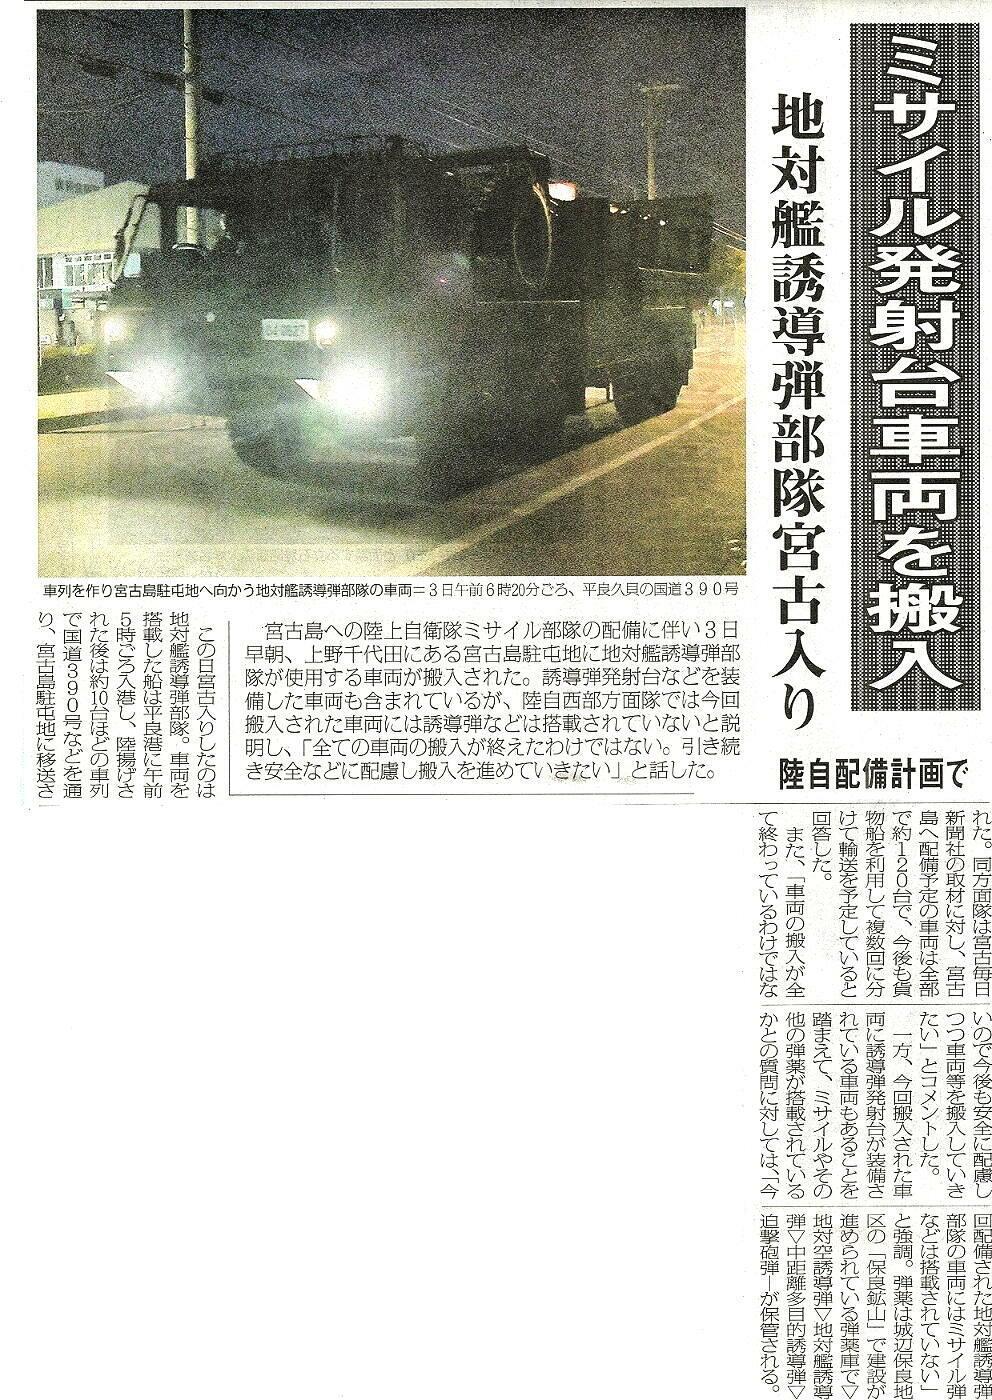 miyakomainichi2020 03041